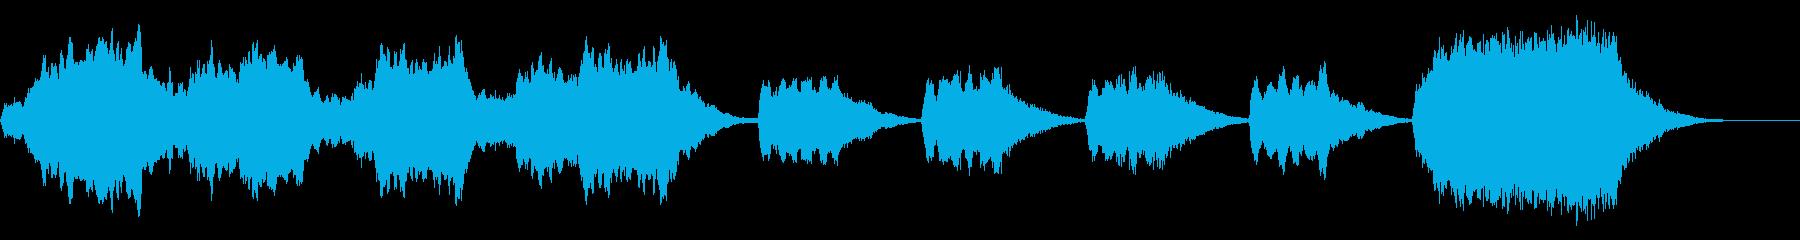 ストリングス系30秒ジングル 失ったモノの再生済みの波形